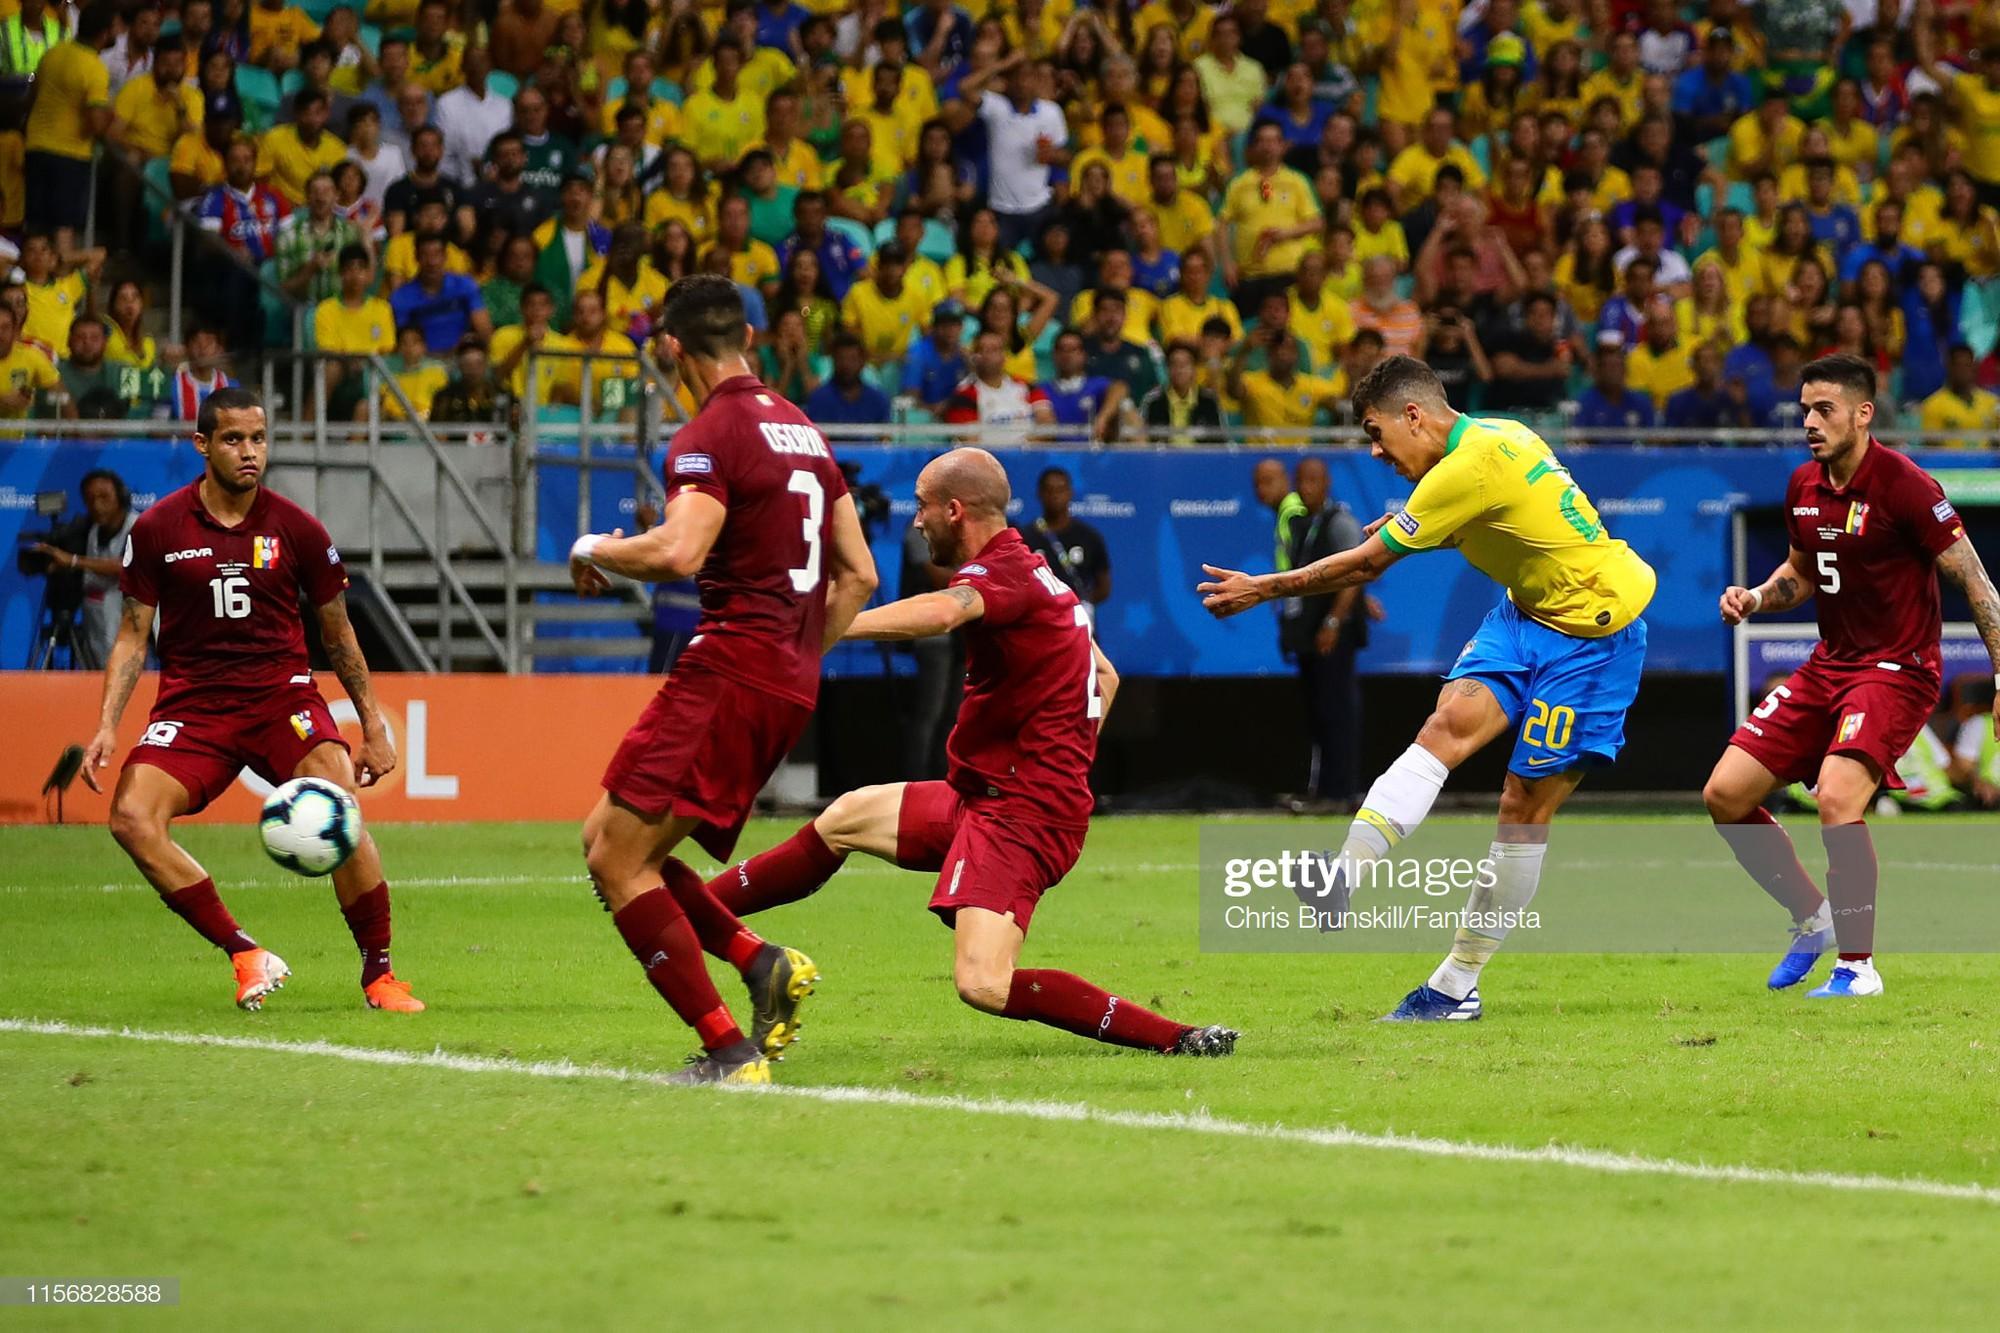 Có đội bóng nào đen đủi hơn tuyển Brazil hôm nay: 3 lần ăn mừng hụt để rồi rời sân trong nỗi thất vọng - Ảnh 5.